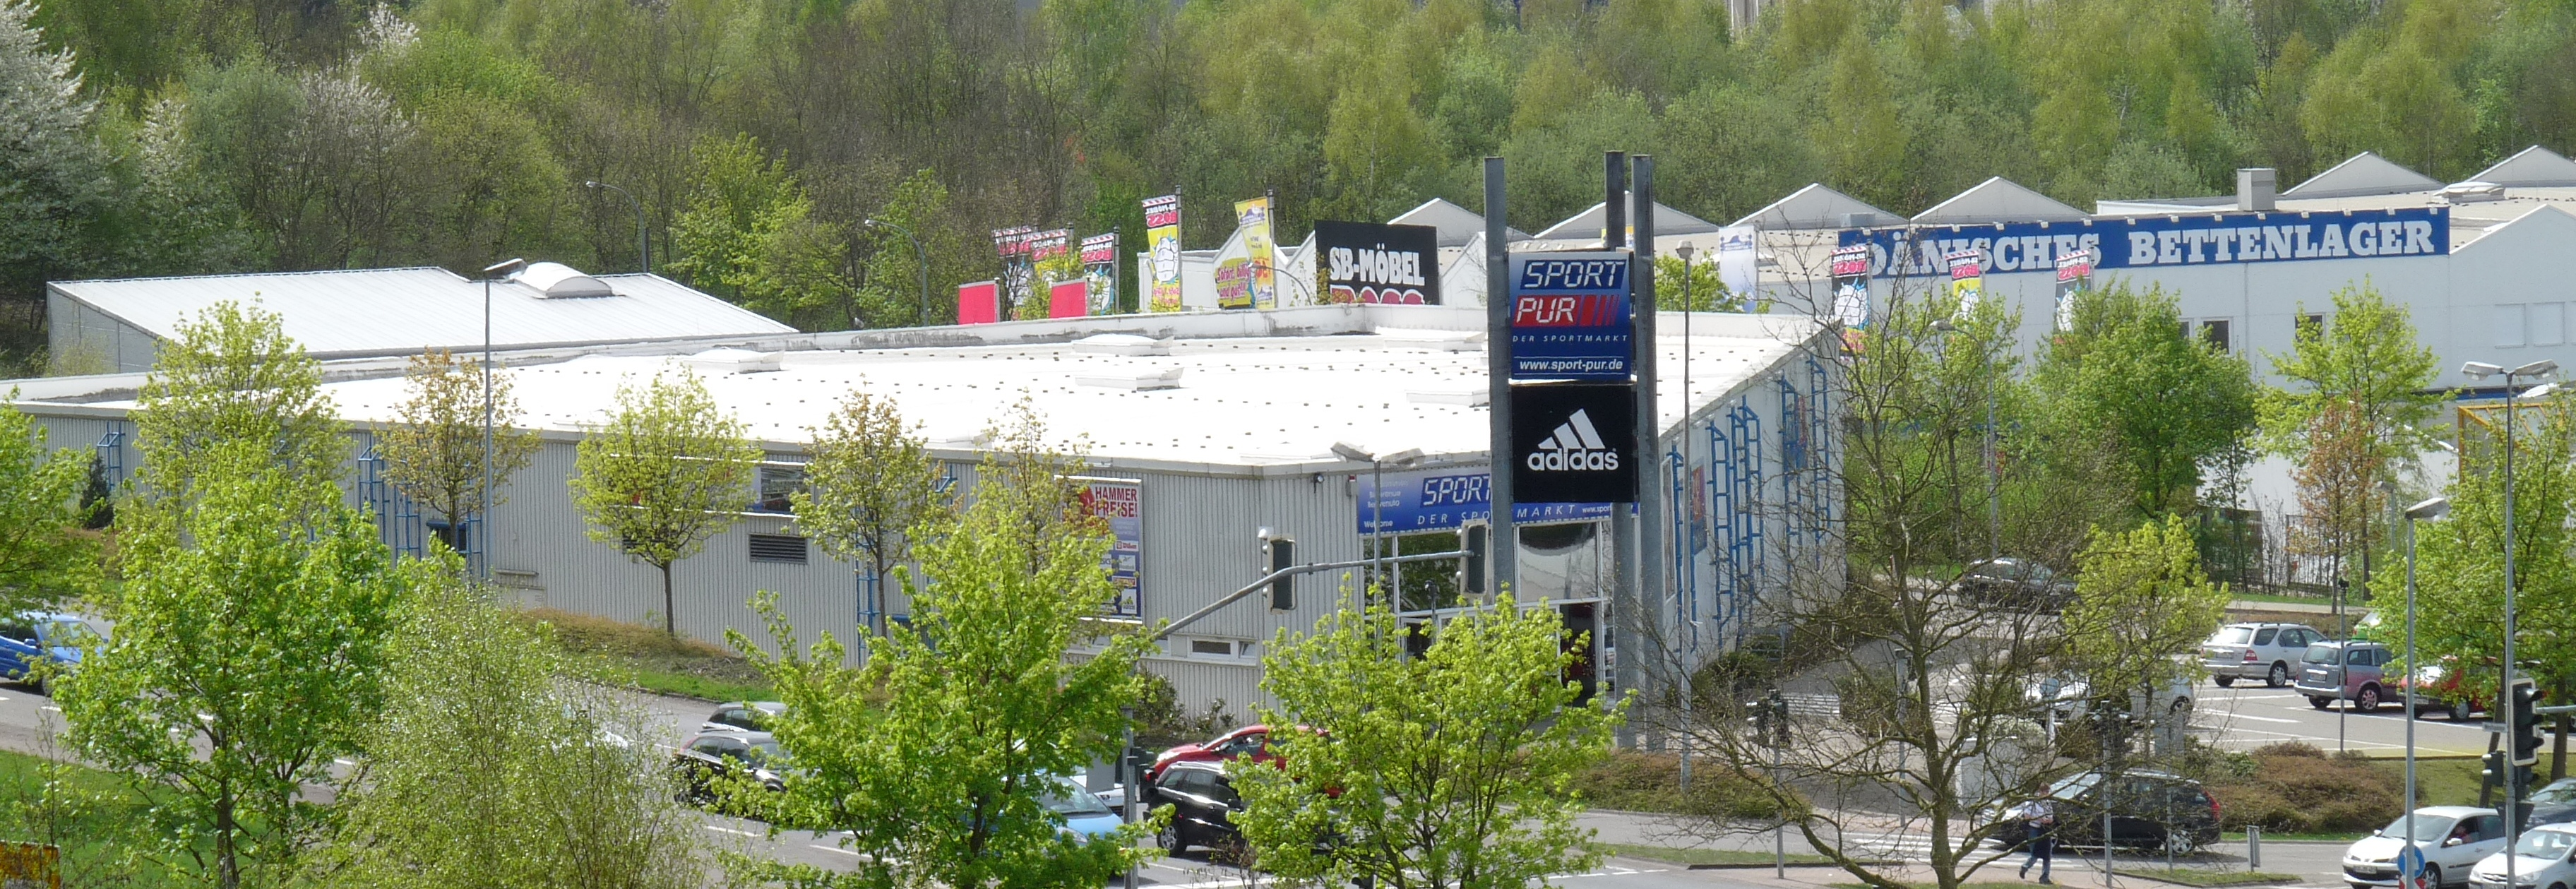 Sport Pur - Der Sportmarkt